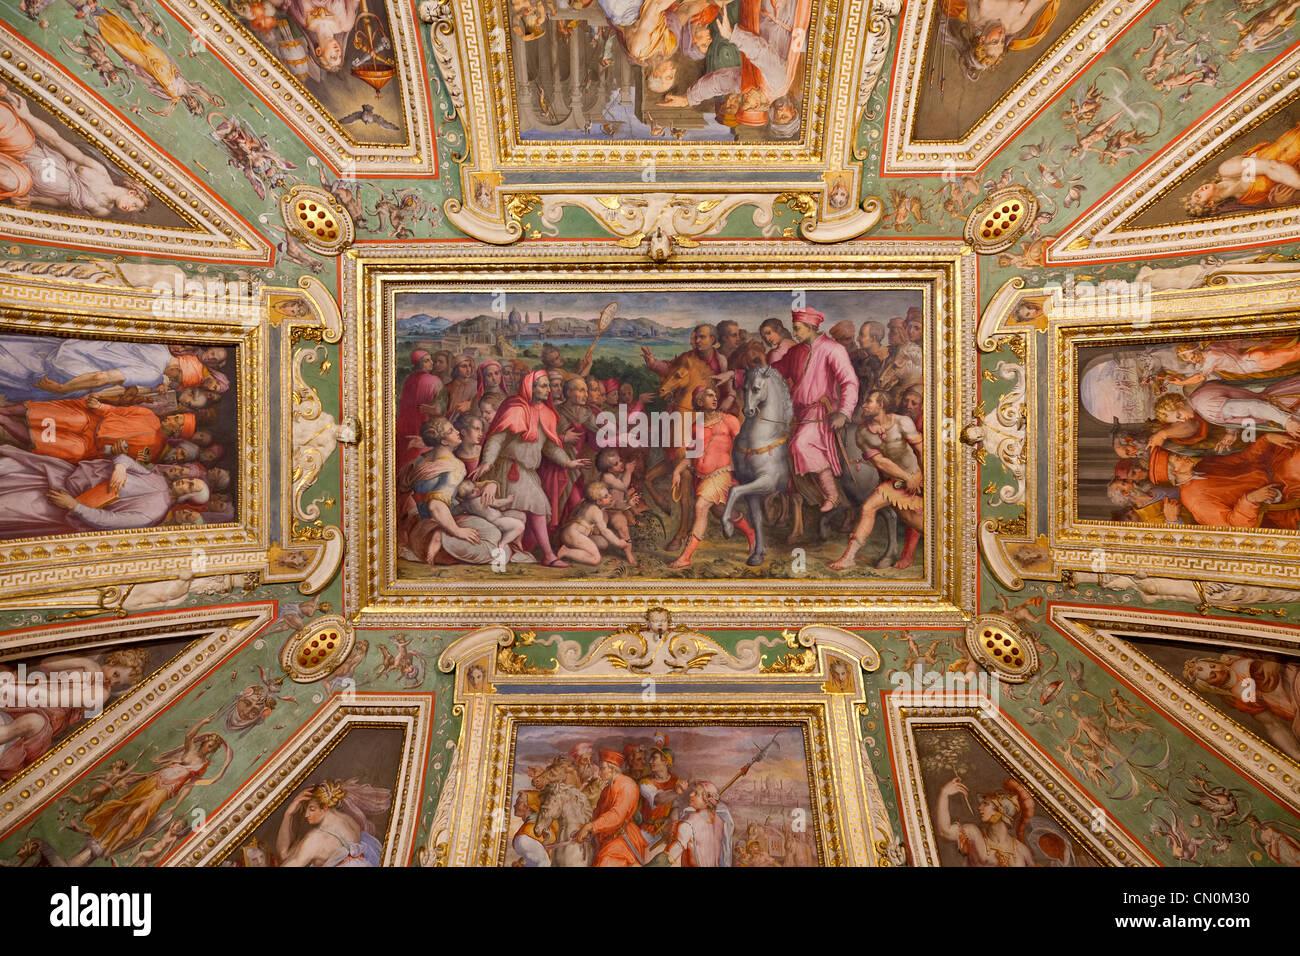 L'Europa, Italia, Firenze, pannello di soffitto in Palazzo Vecchio, sito Patrimonio Mondiale dell'Unesco, Immagini Stock